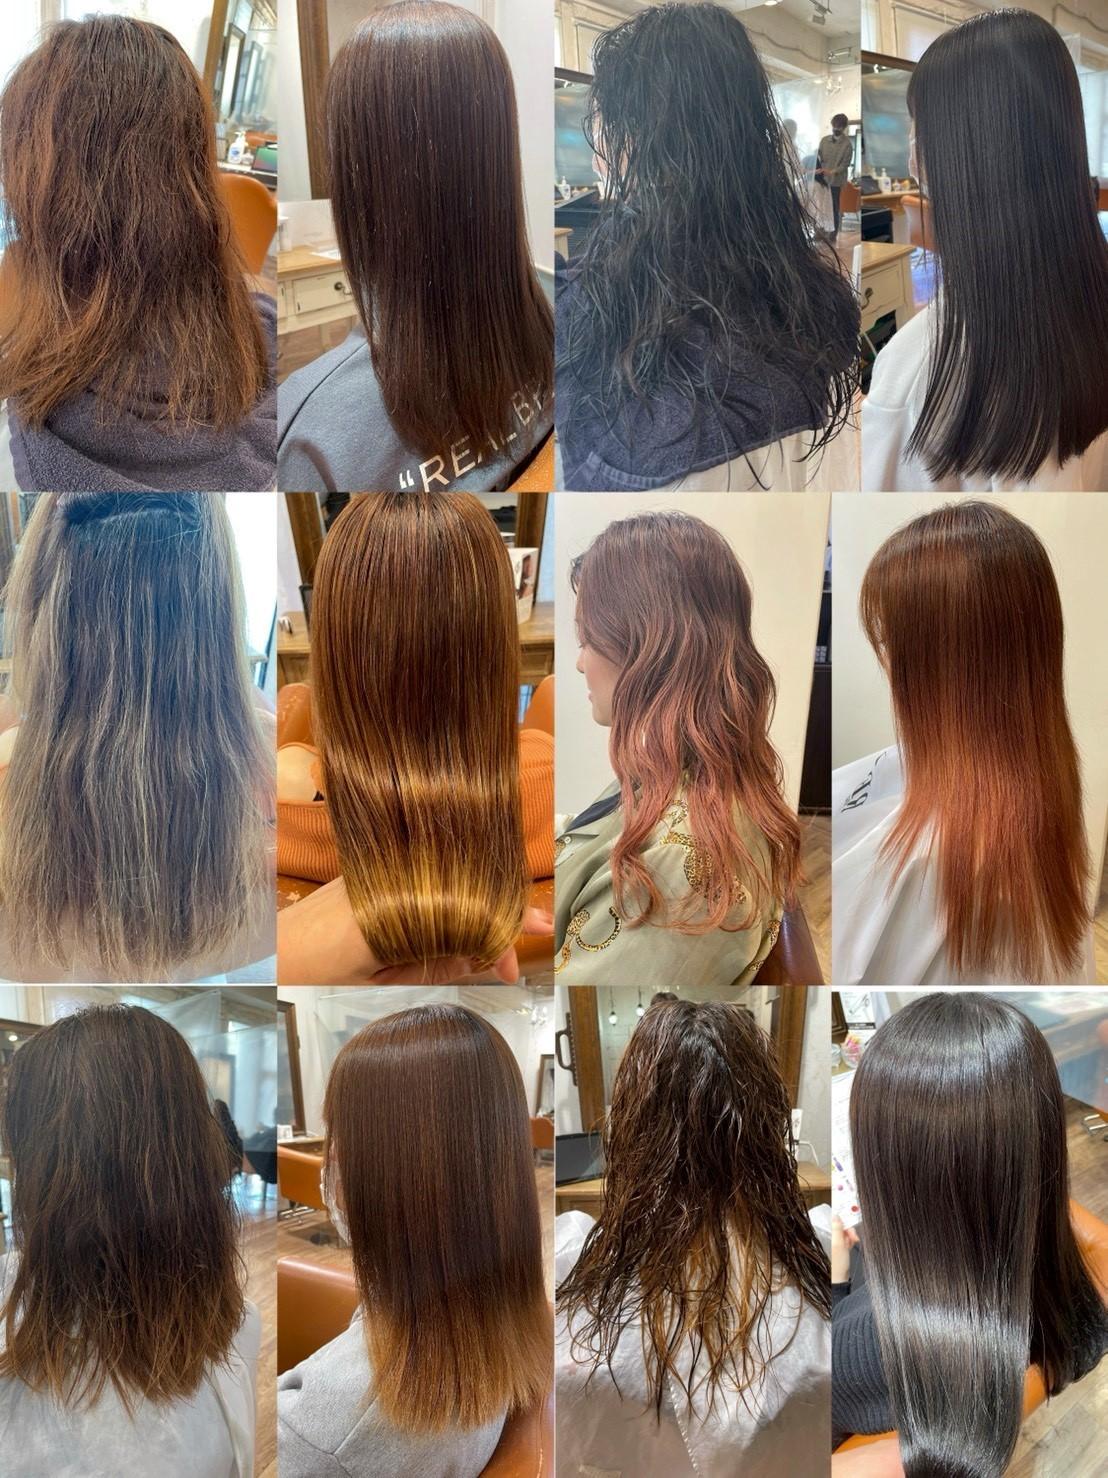 髪質改善酸性ストレート!縮毛矯正の概念が変わります。ブリーチ毛も◎